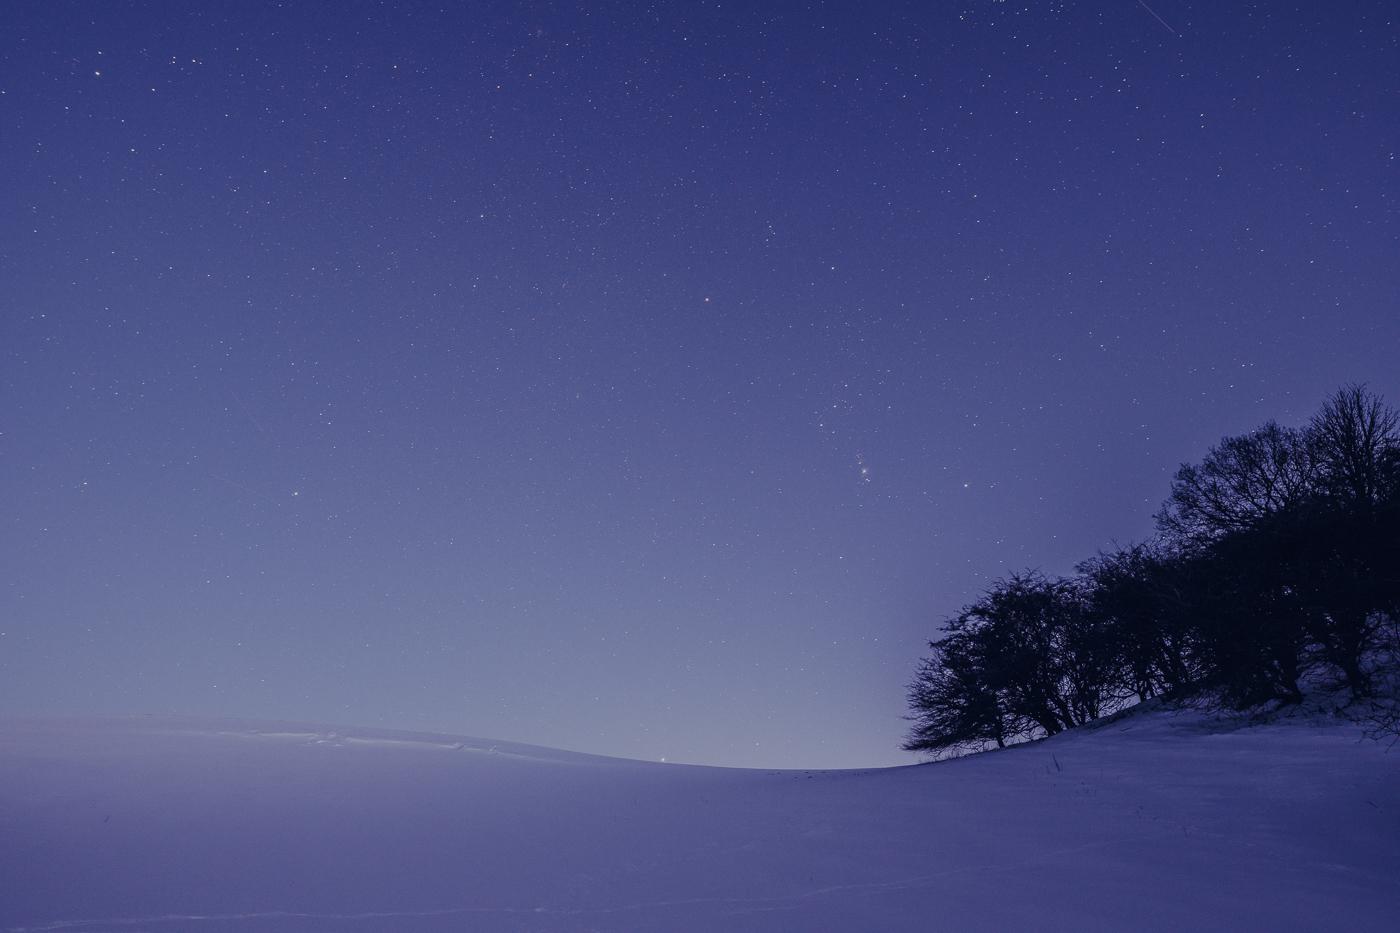 Eine sternenklare Winternacht auf dem Mönchgut